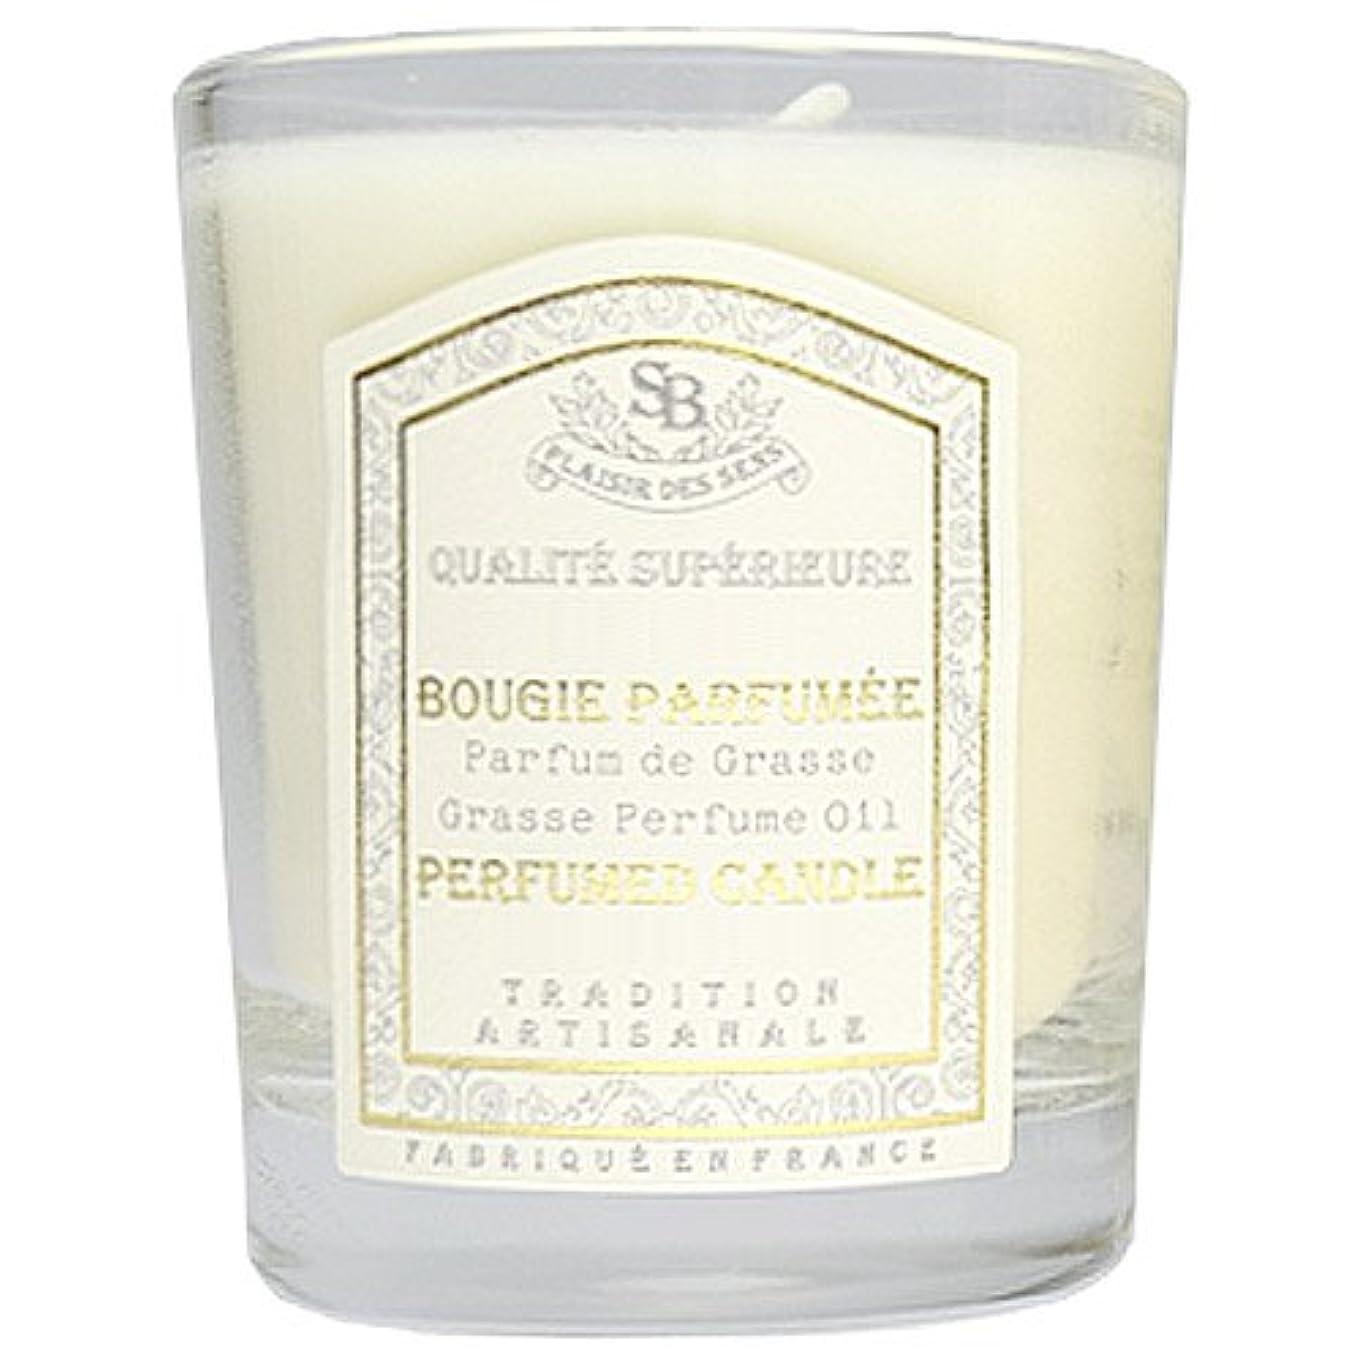 ホット飢えツールSenteur et Beaute(サンタールエボーテ) フレンチクラシックシリーズ グラスキャンドル 90g 「リリーガーデニア」 4994228022004